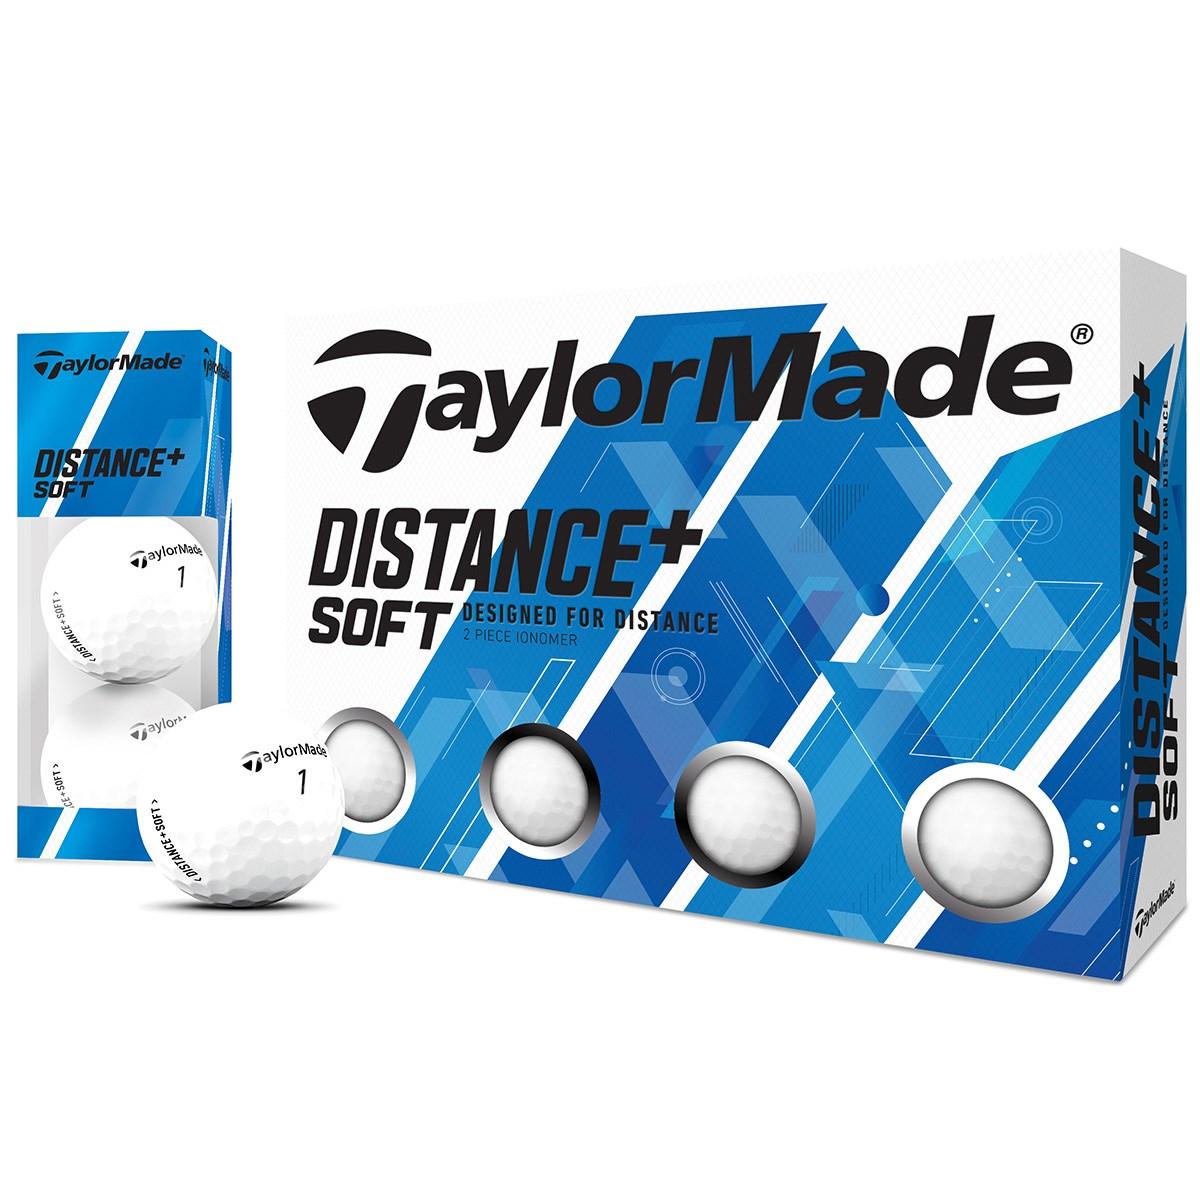 テーラーメイド DISTANCE+ Distance+Soft ボール 1ダース(12個入り) ホワイト